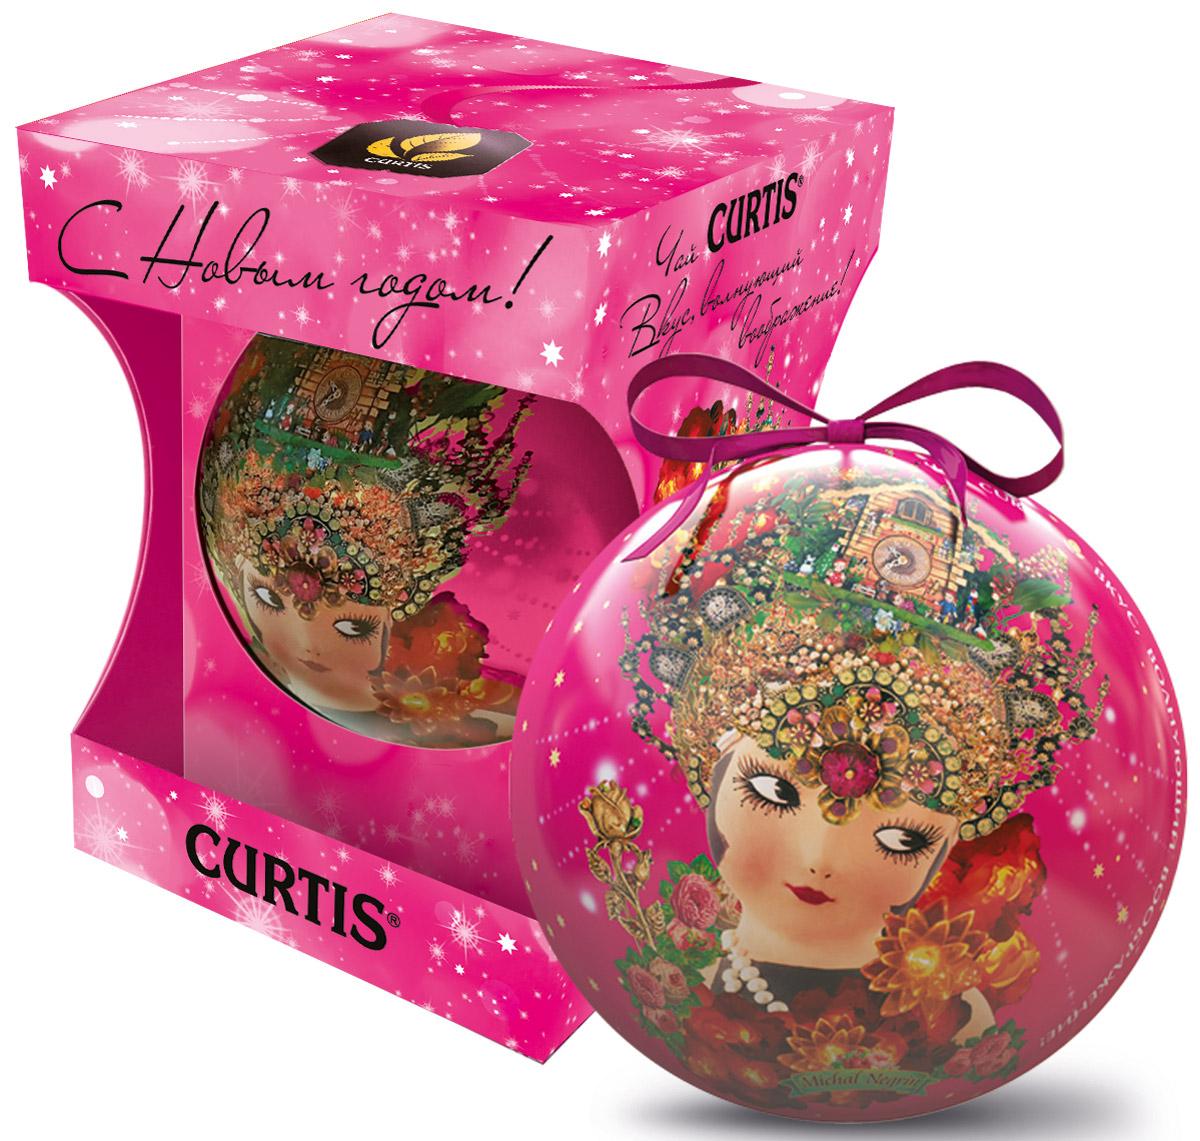 Curtis She-Shy Christmas Ball розовый, черный листовой чай, 30 г100134_розовыйПревосходный черный цейлонский чай Curtis She-Shy Christmas Ball в новогодней подарочной упаковке в форме шара золотого цвета. Отлично подойдет в качестве подарка на новогодние праздники. Уважаемые клиенты! Обращаем ваше внимание на то, что упаковка может иметь несколько видов дизайна. Поставка осуществляется в зависимости от наличия на складе.